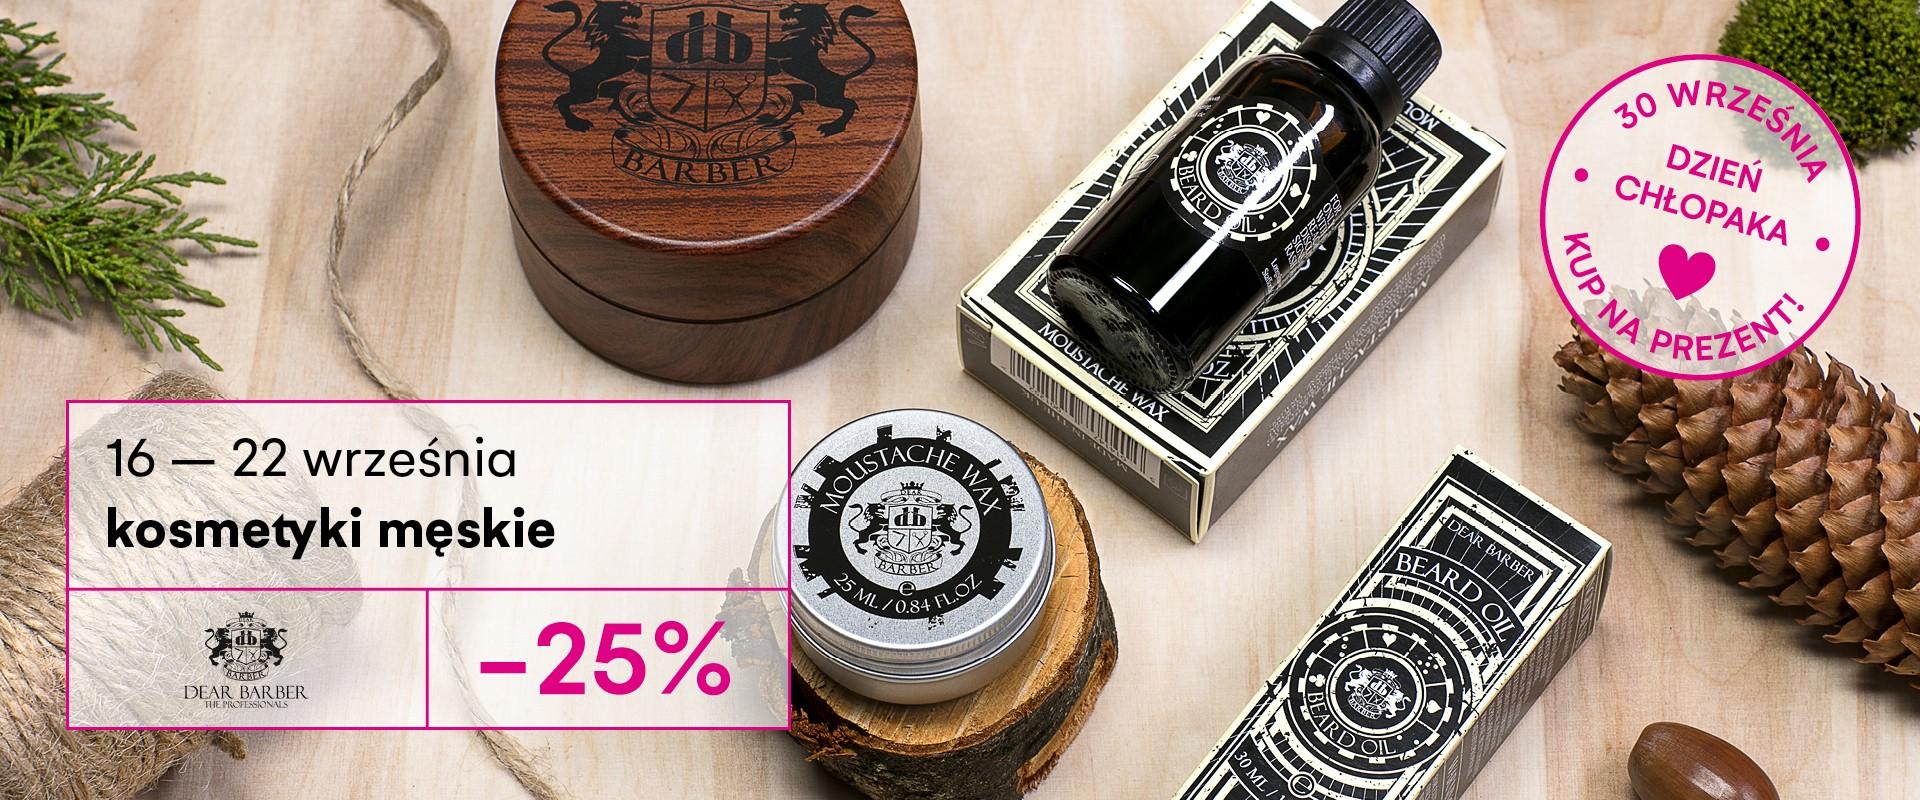 Kosmetyki męskie Dear Barber -25%